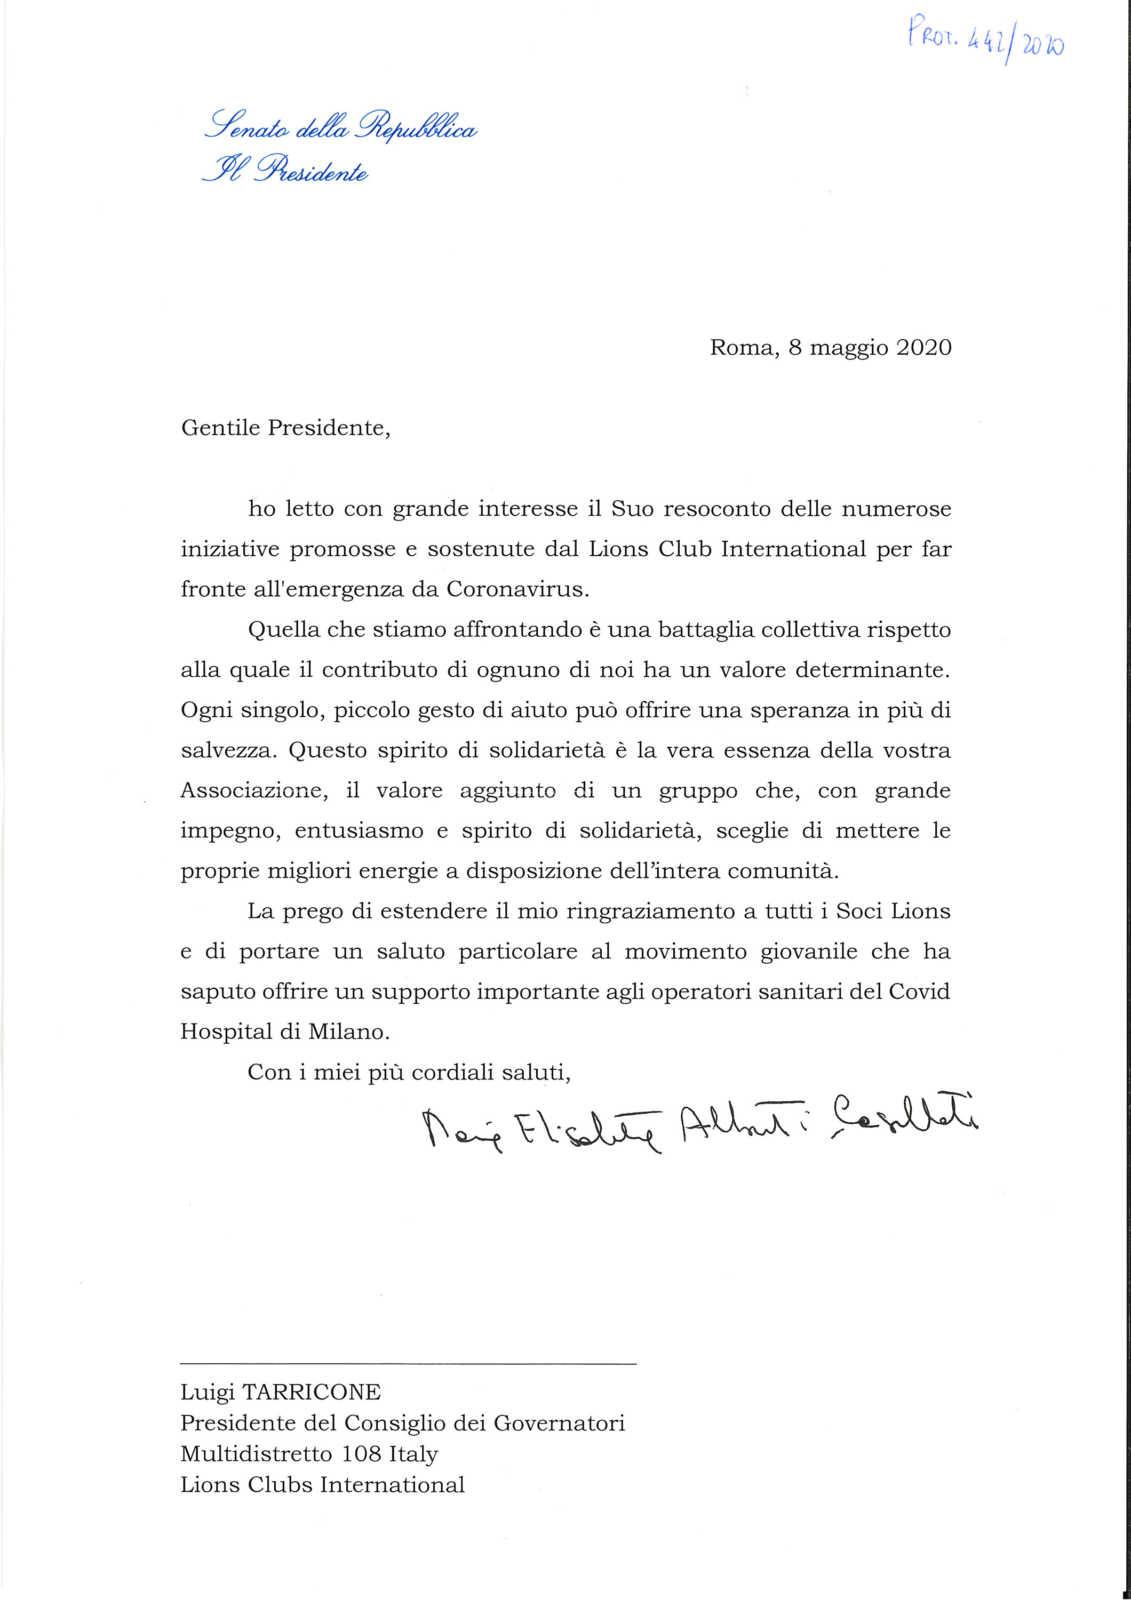 lions club italia coronavirus ringraziamento presidente senato